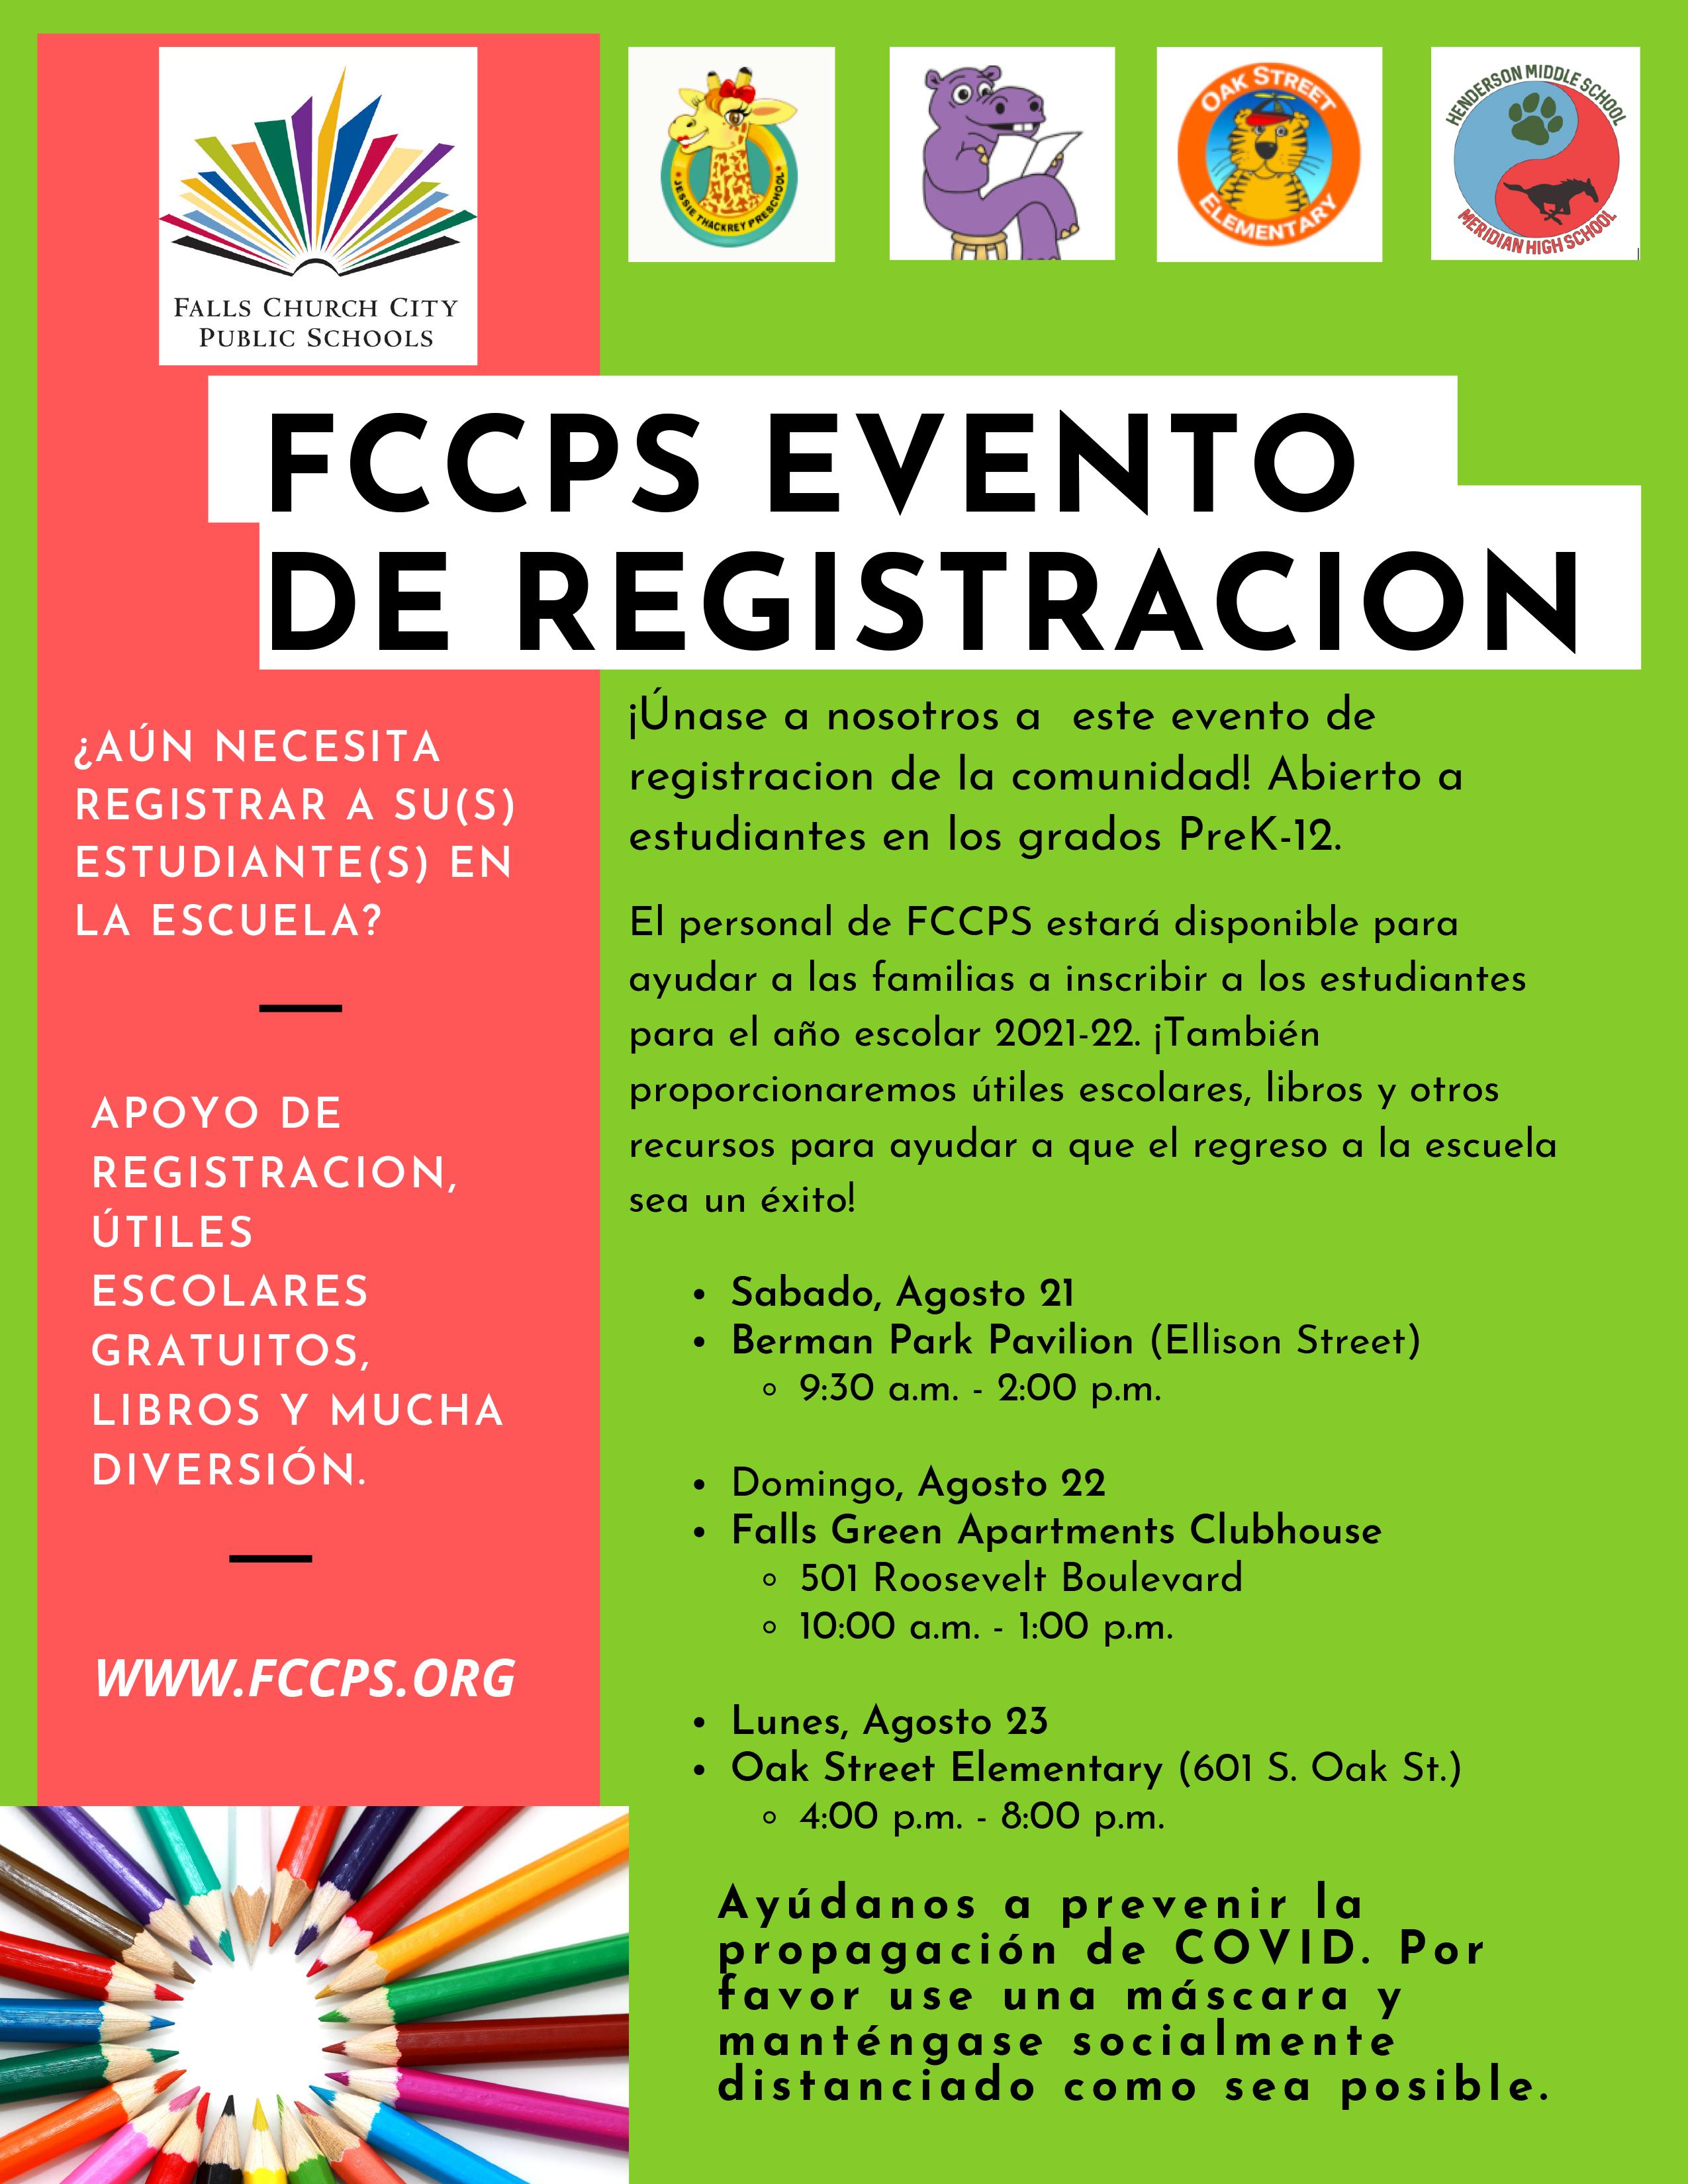 FCCPS EVENTO DE REGISTRACION